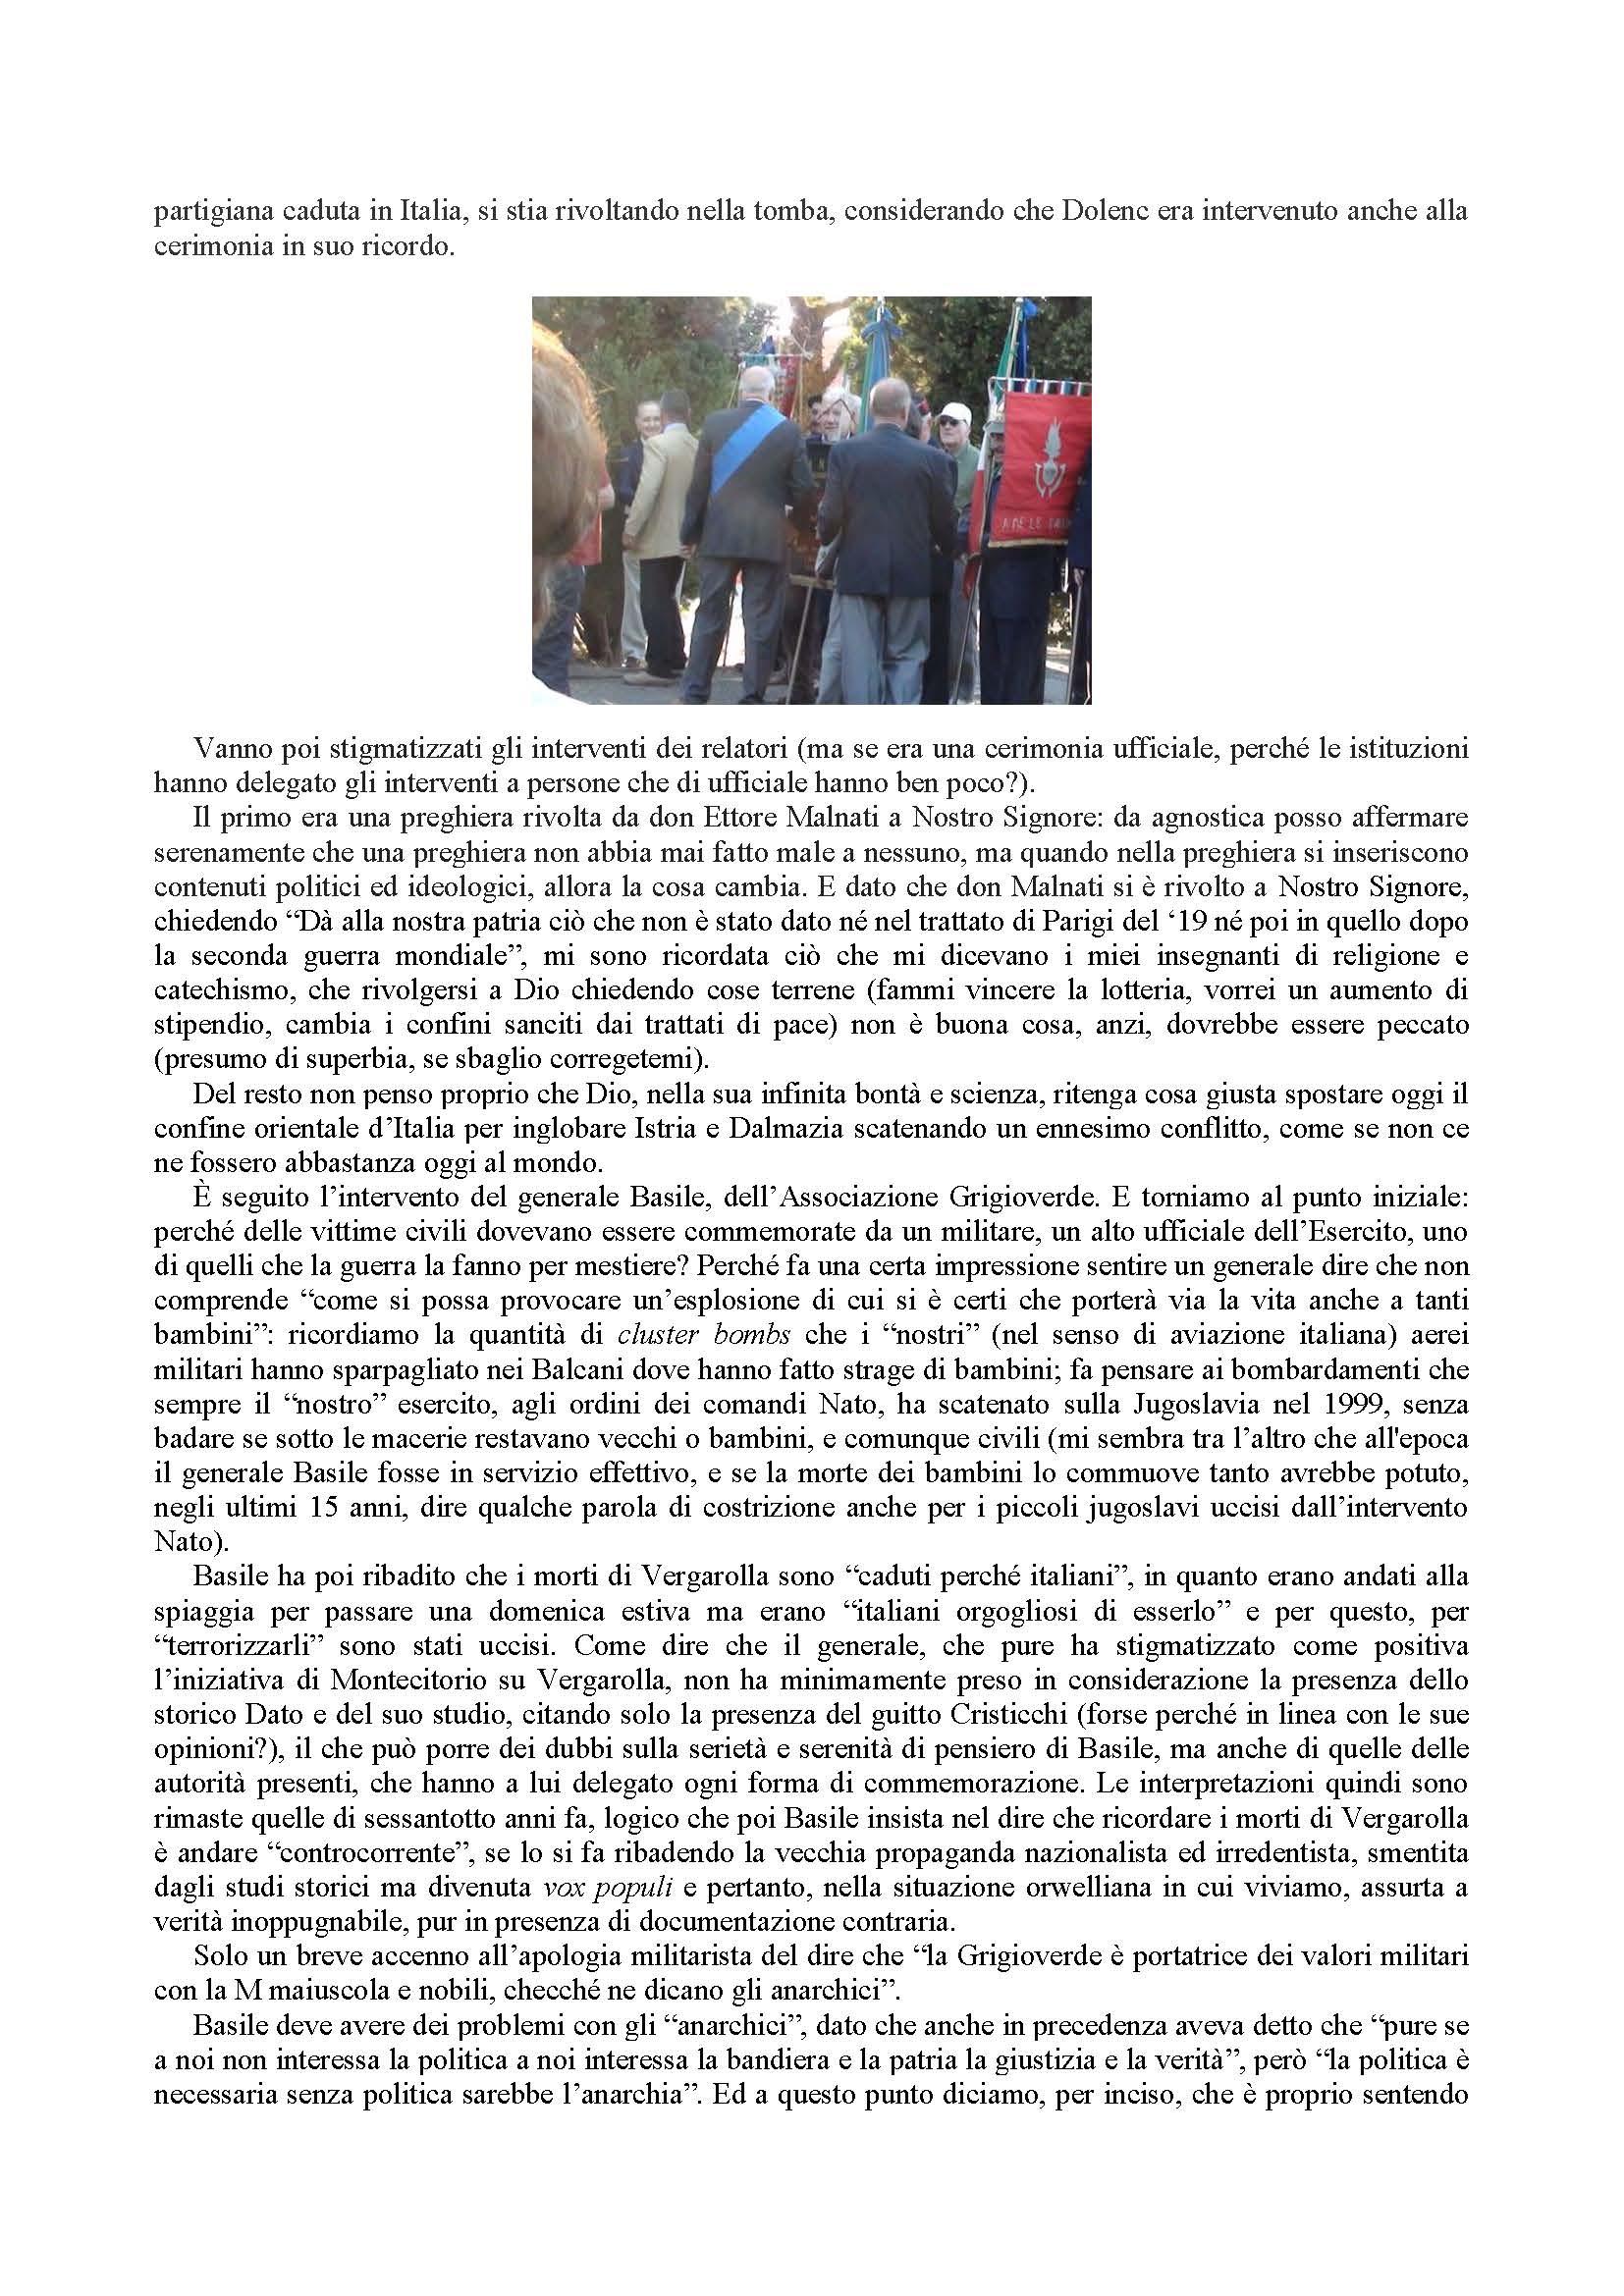 Commemorazione-delle-vittime-di-Vergarolla-a-Trieste-2014._Page_2